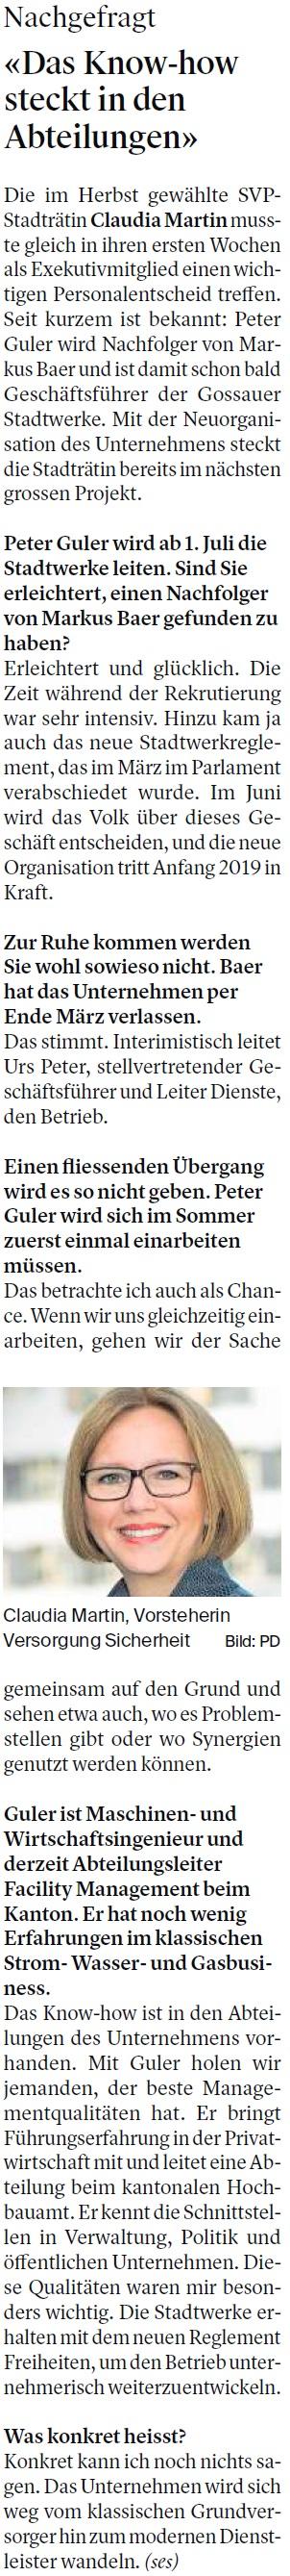 «Das Know-how steckt in den Abteilungen» (Freitag, 06.04.2018)